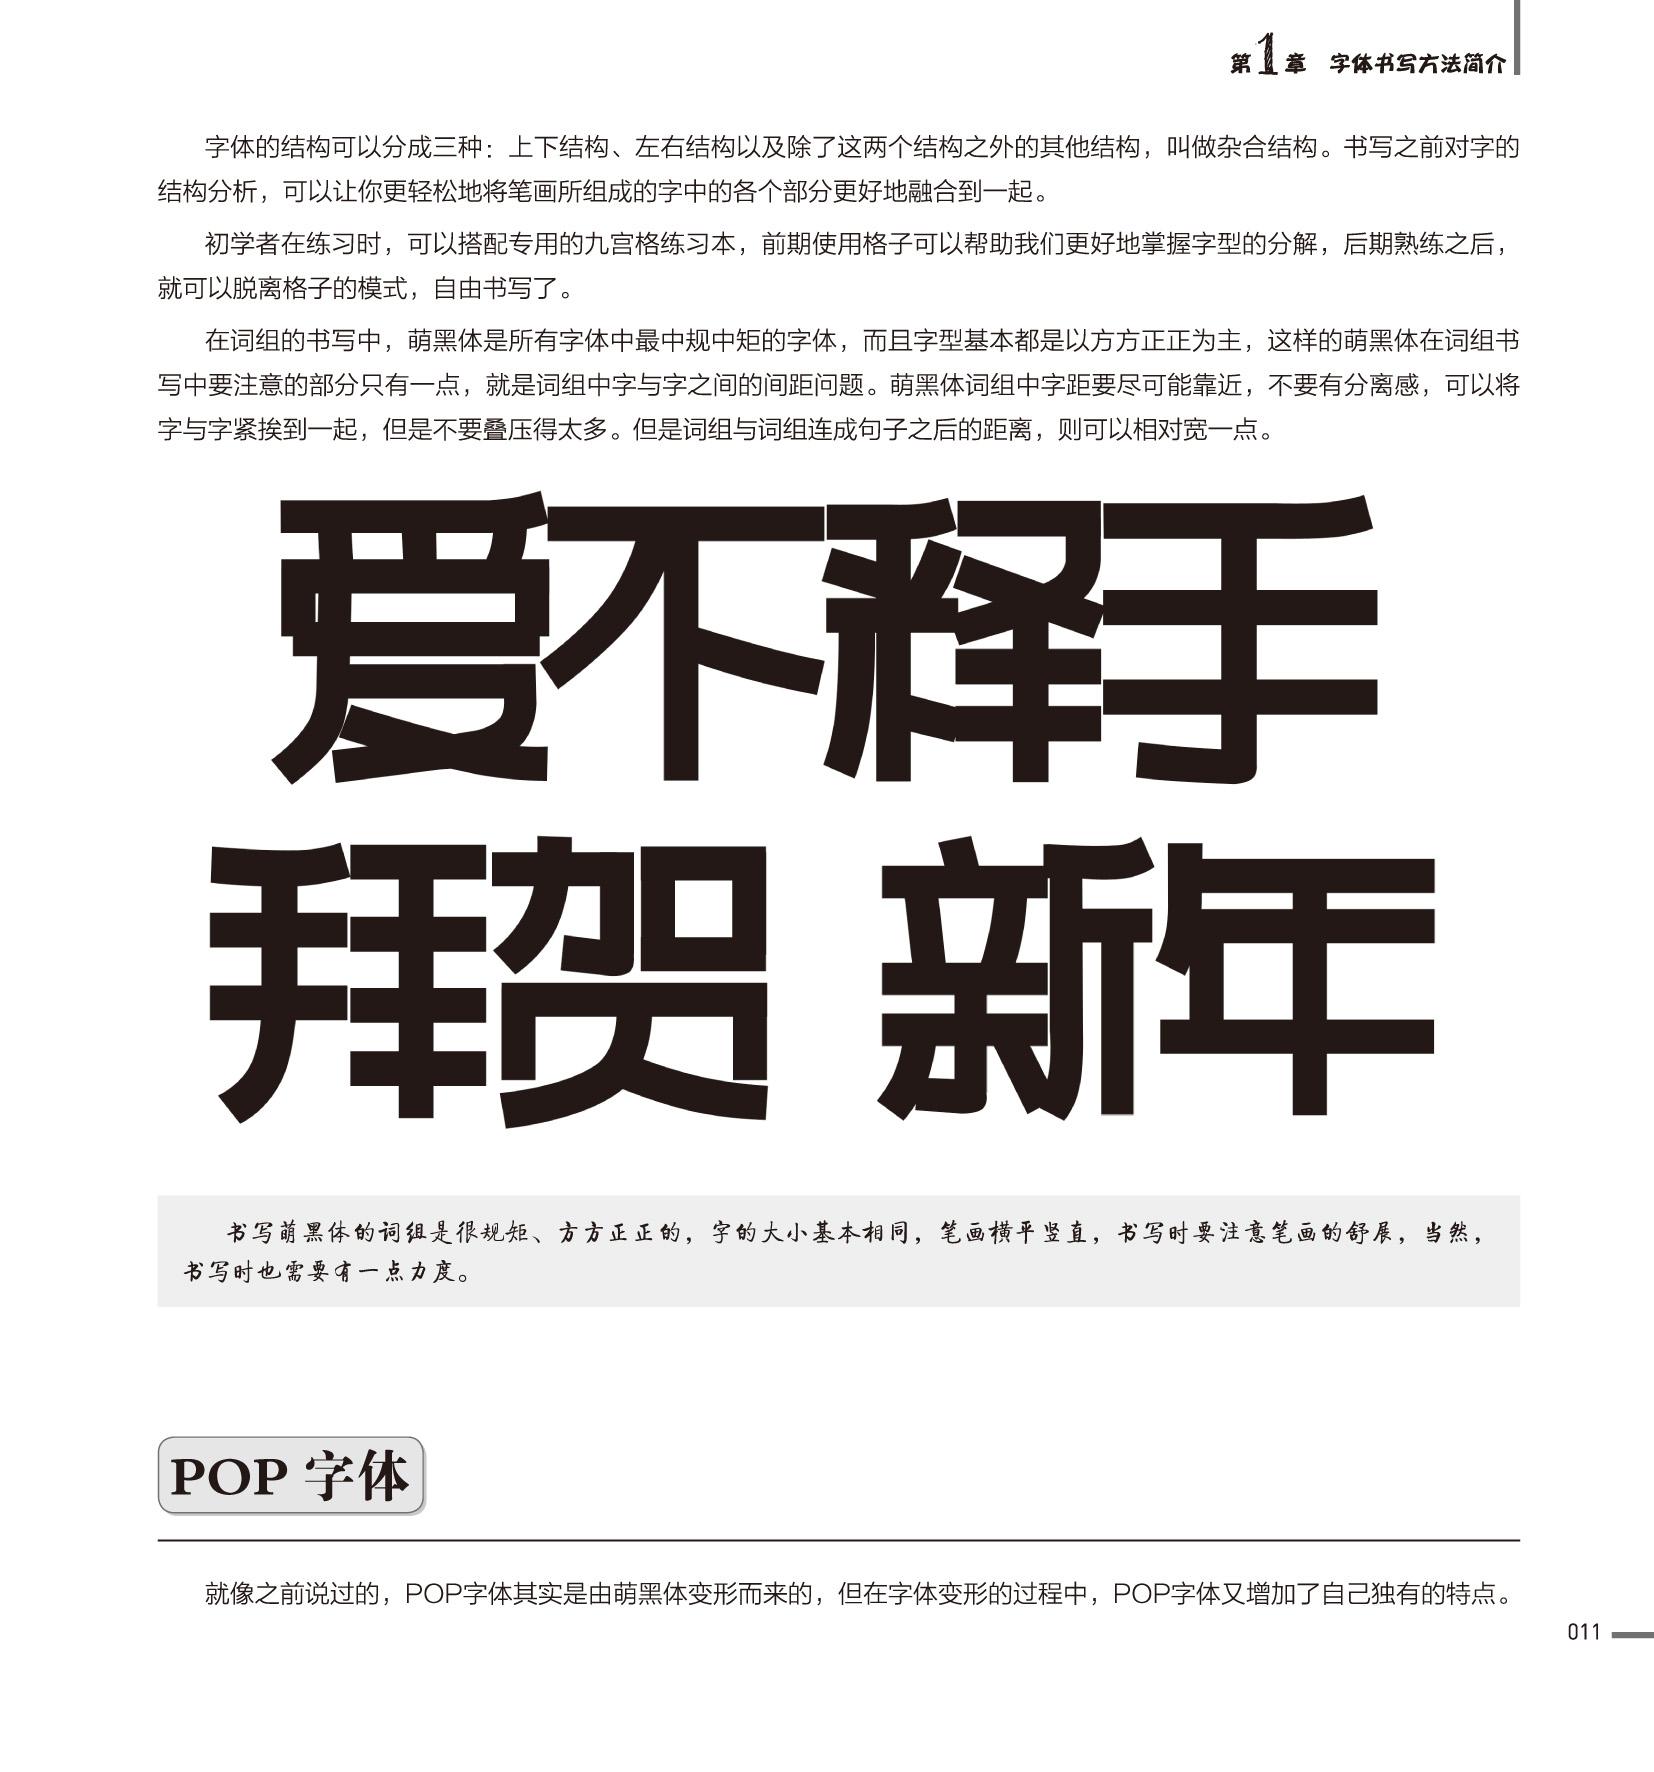 《手绘pop实用词典——创意字体速查》图书内容分享(原创文章